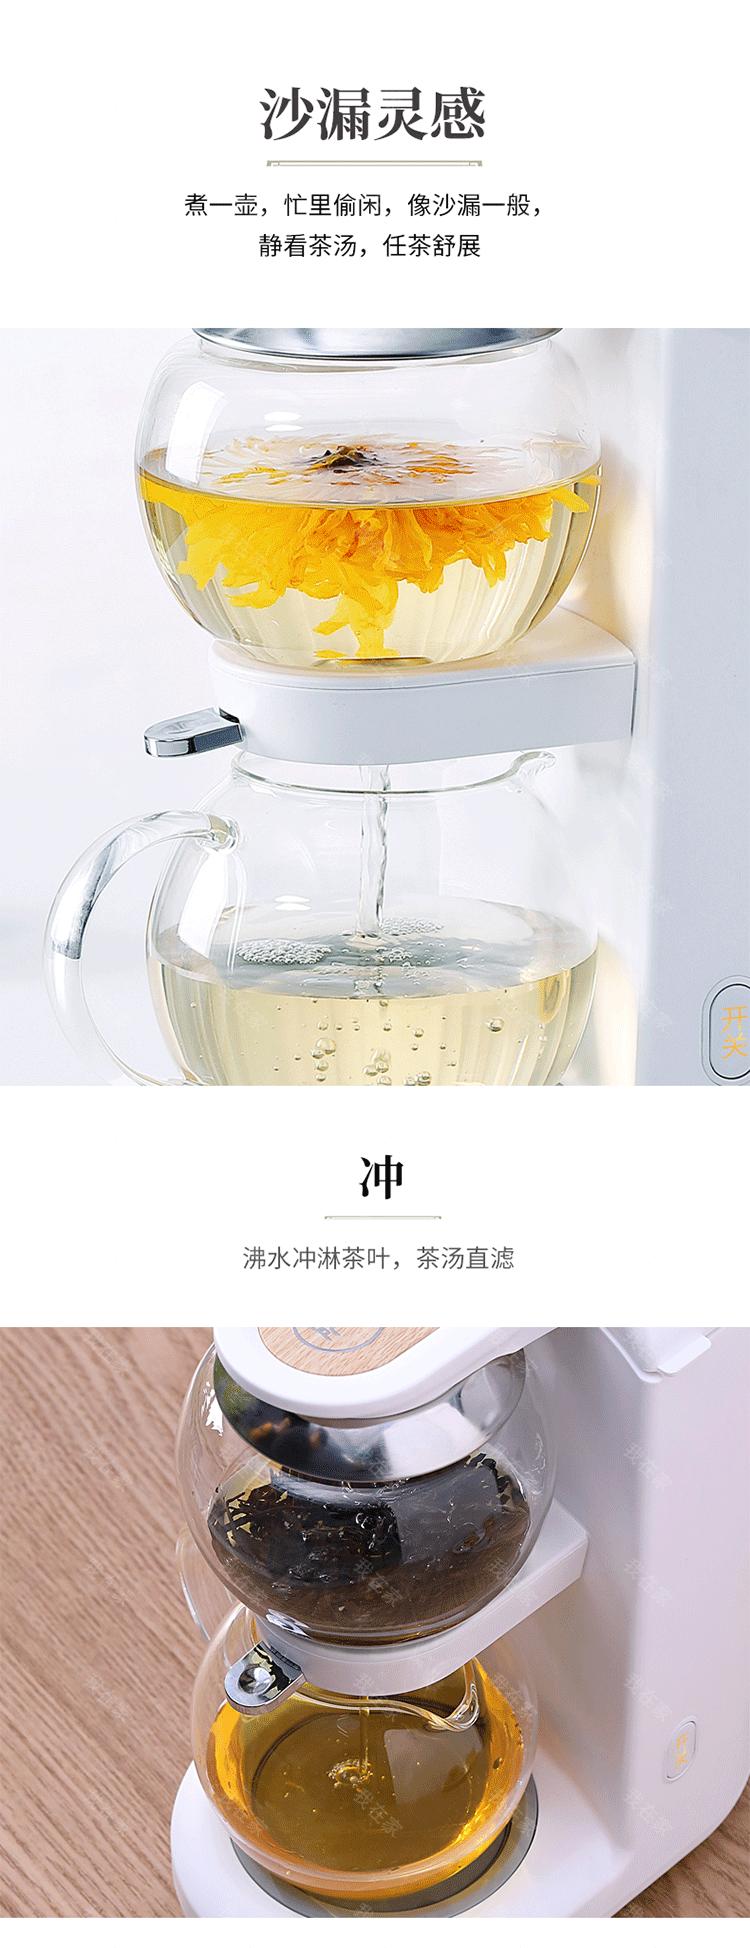 鸣盏品牌鸣盏滴漏式茶饮机养生壶的详细介绍